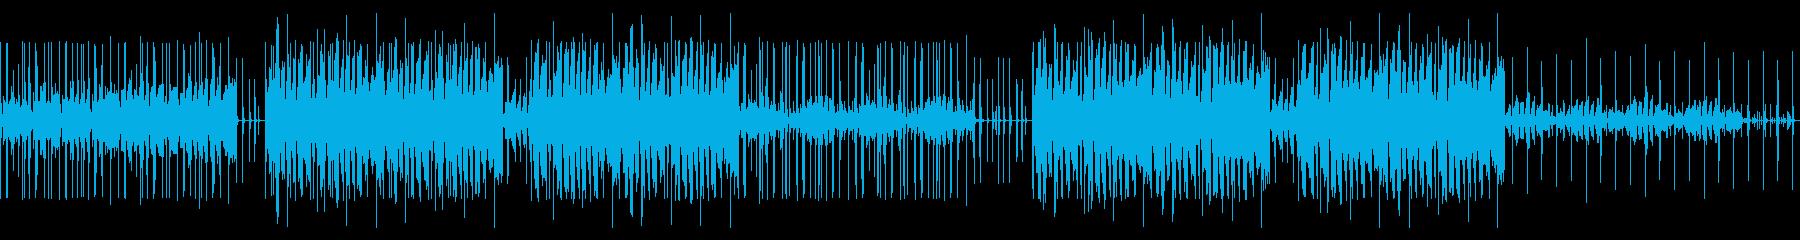 企業VP いやし・チル 9 ループの再生済みの波形